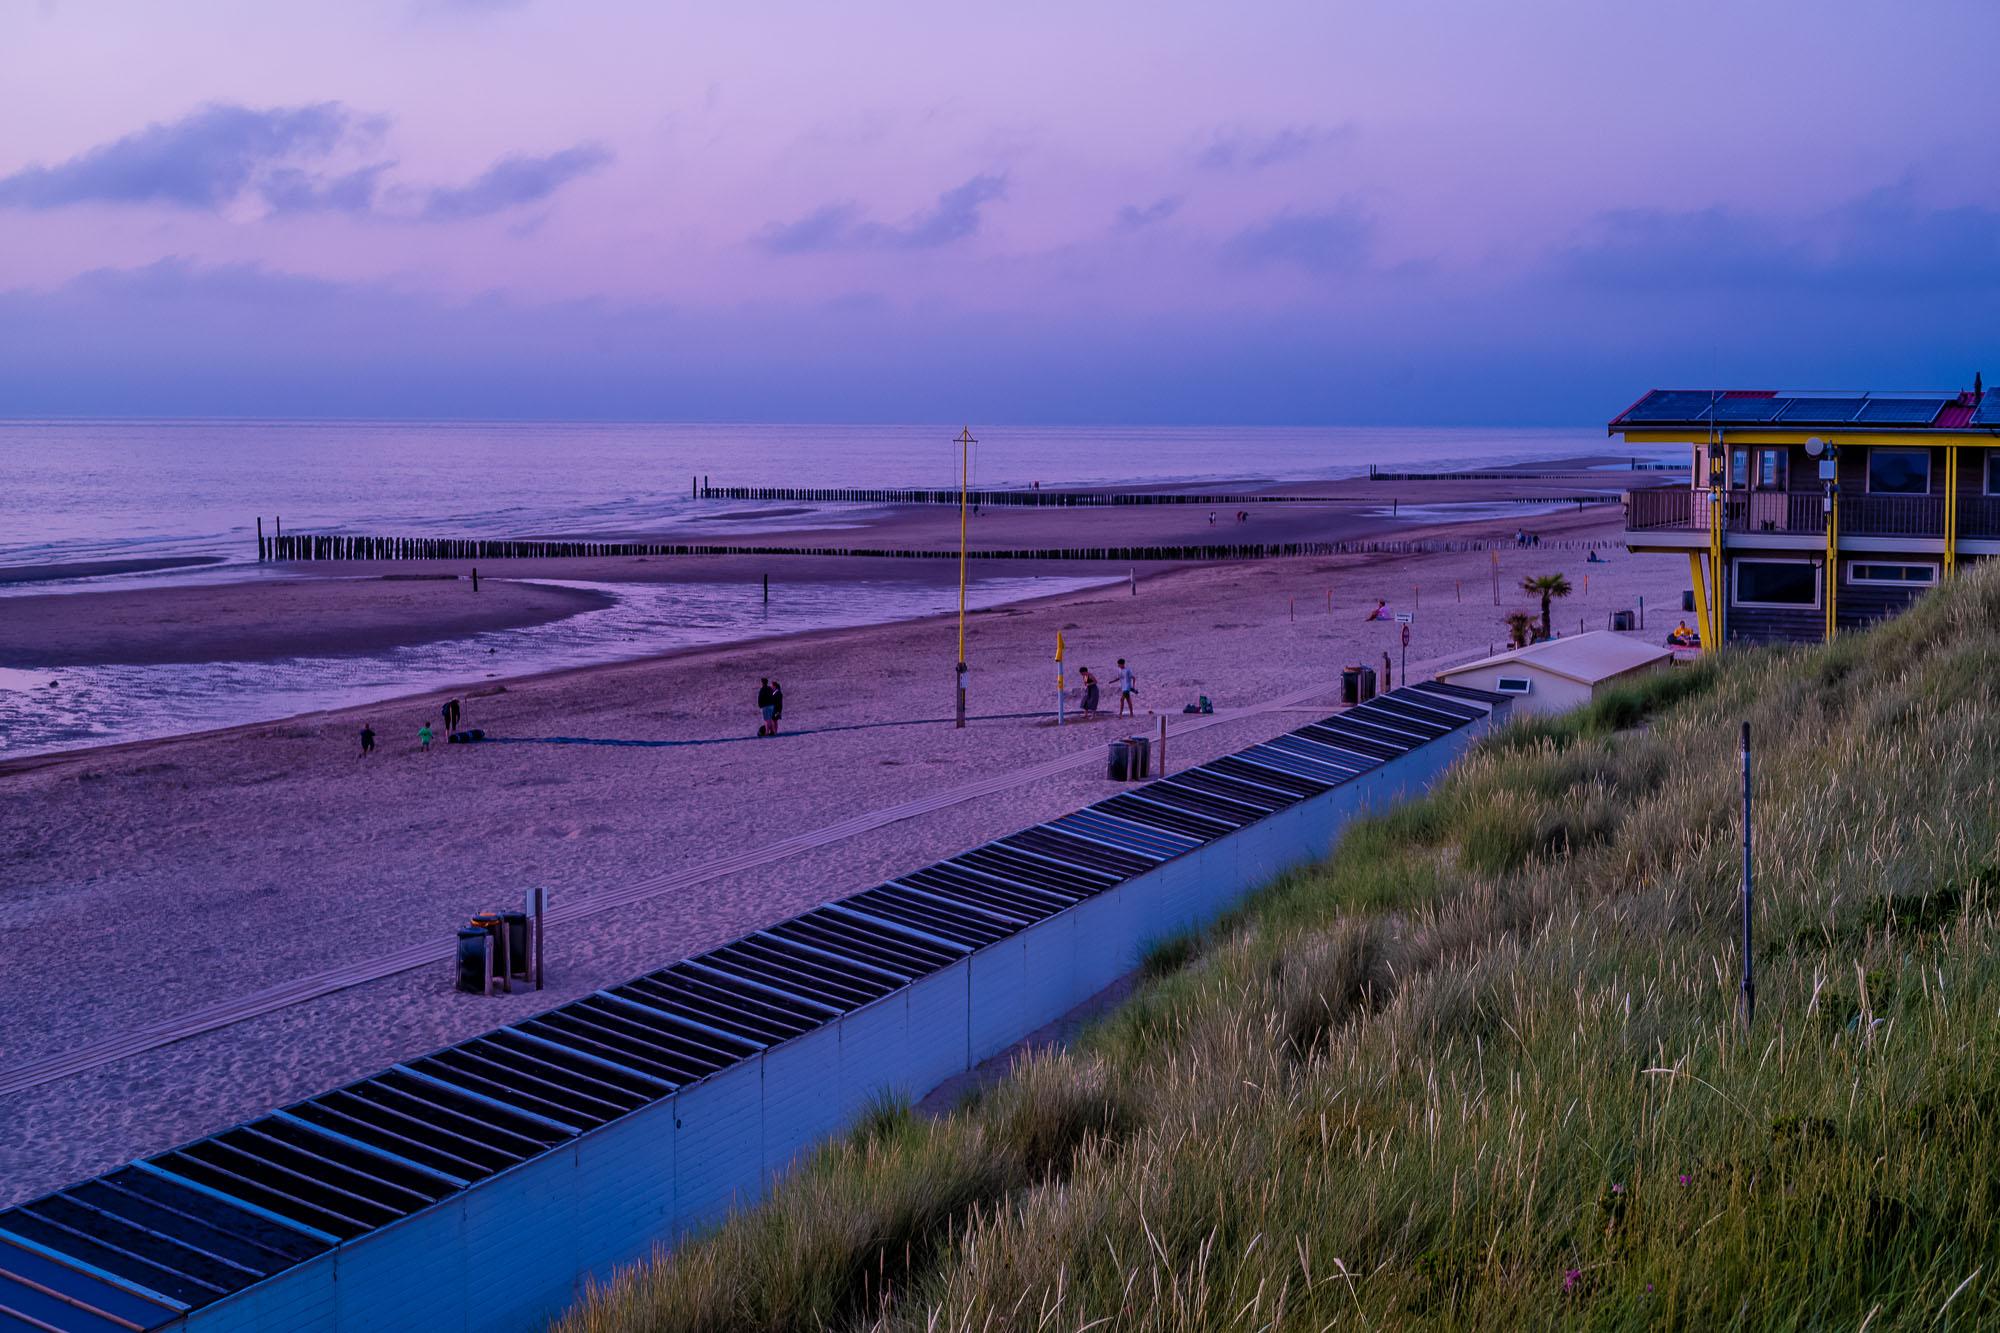 Domburg beach during sunset